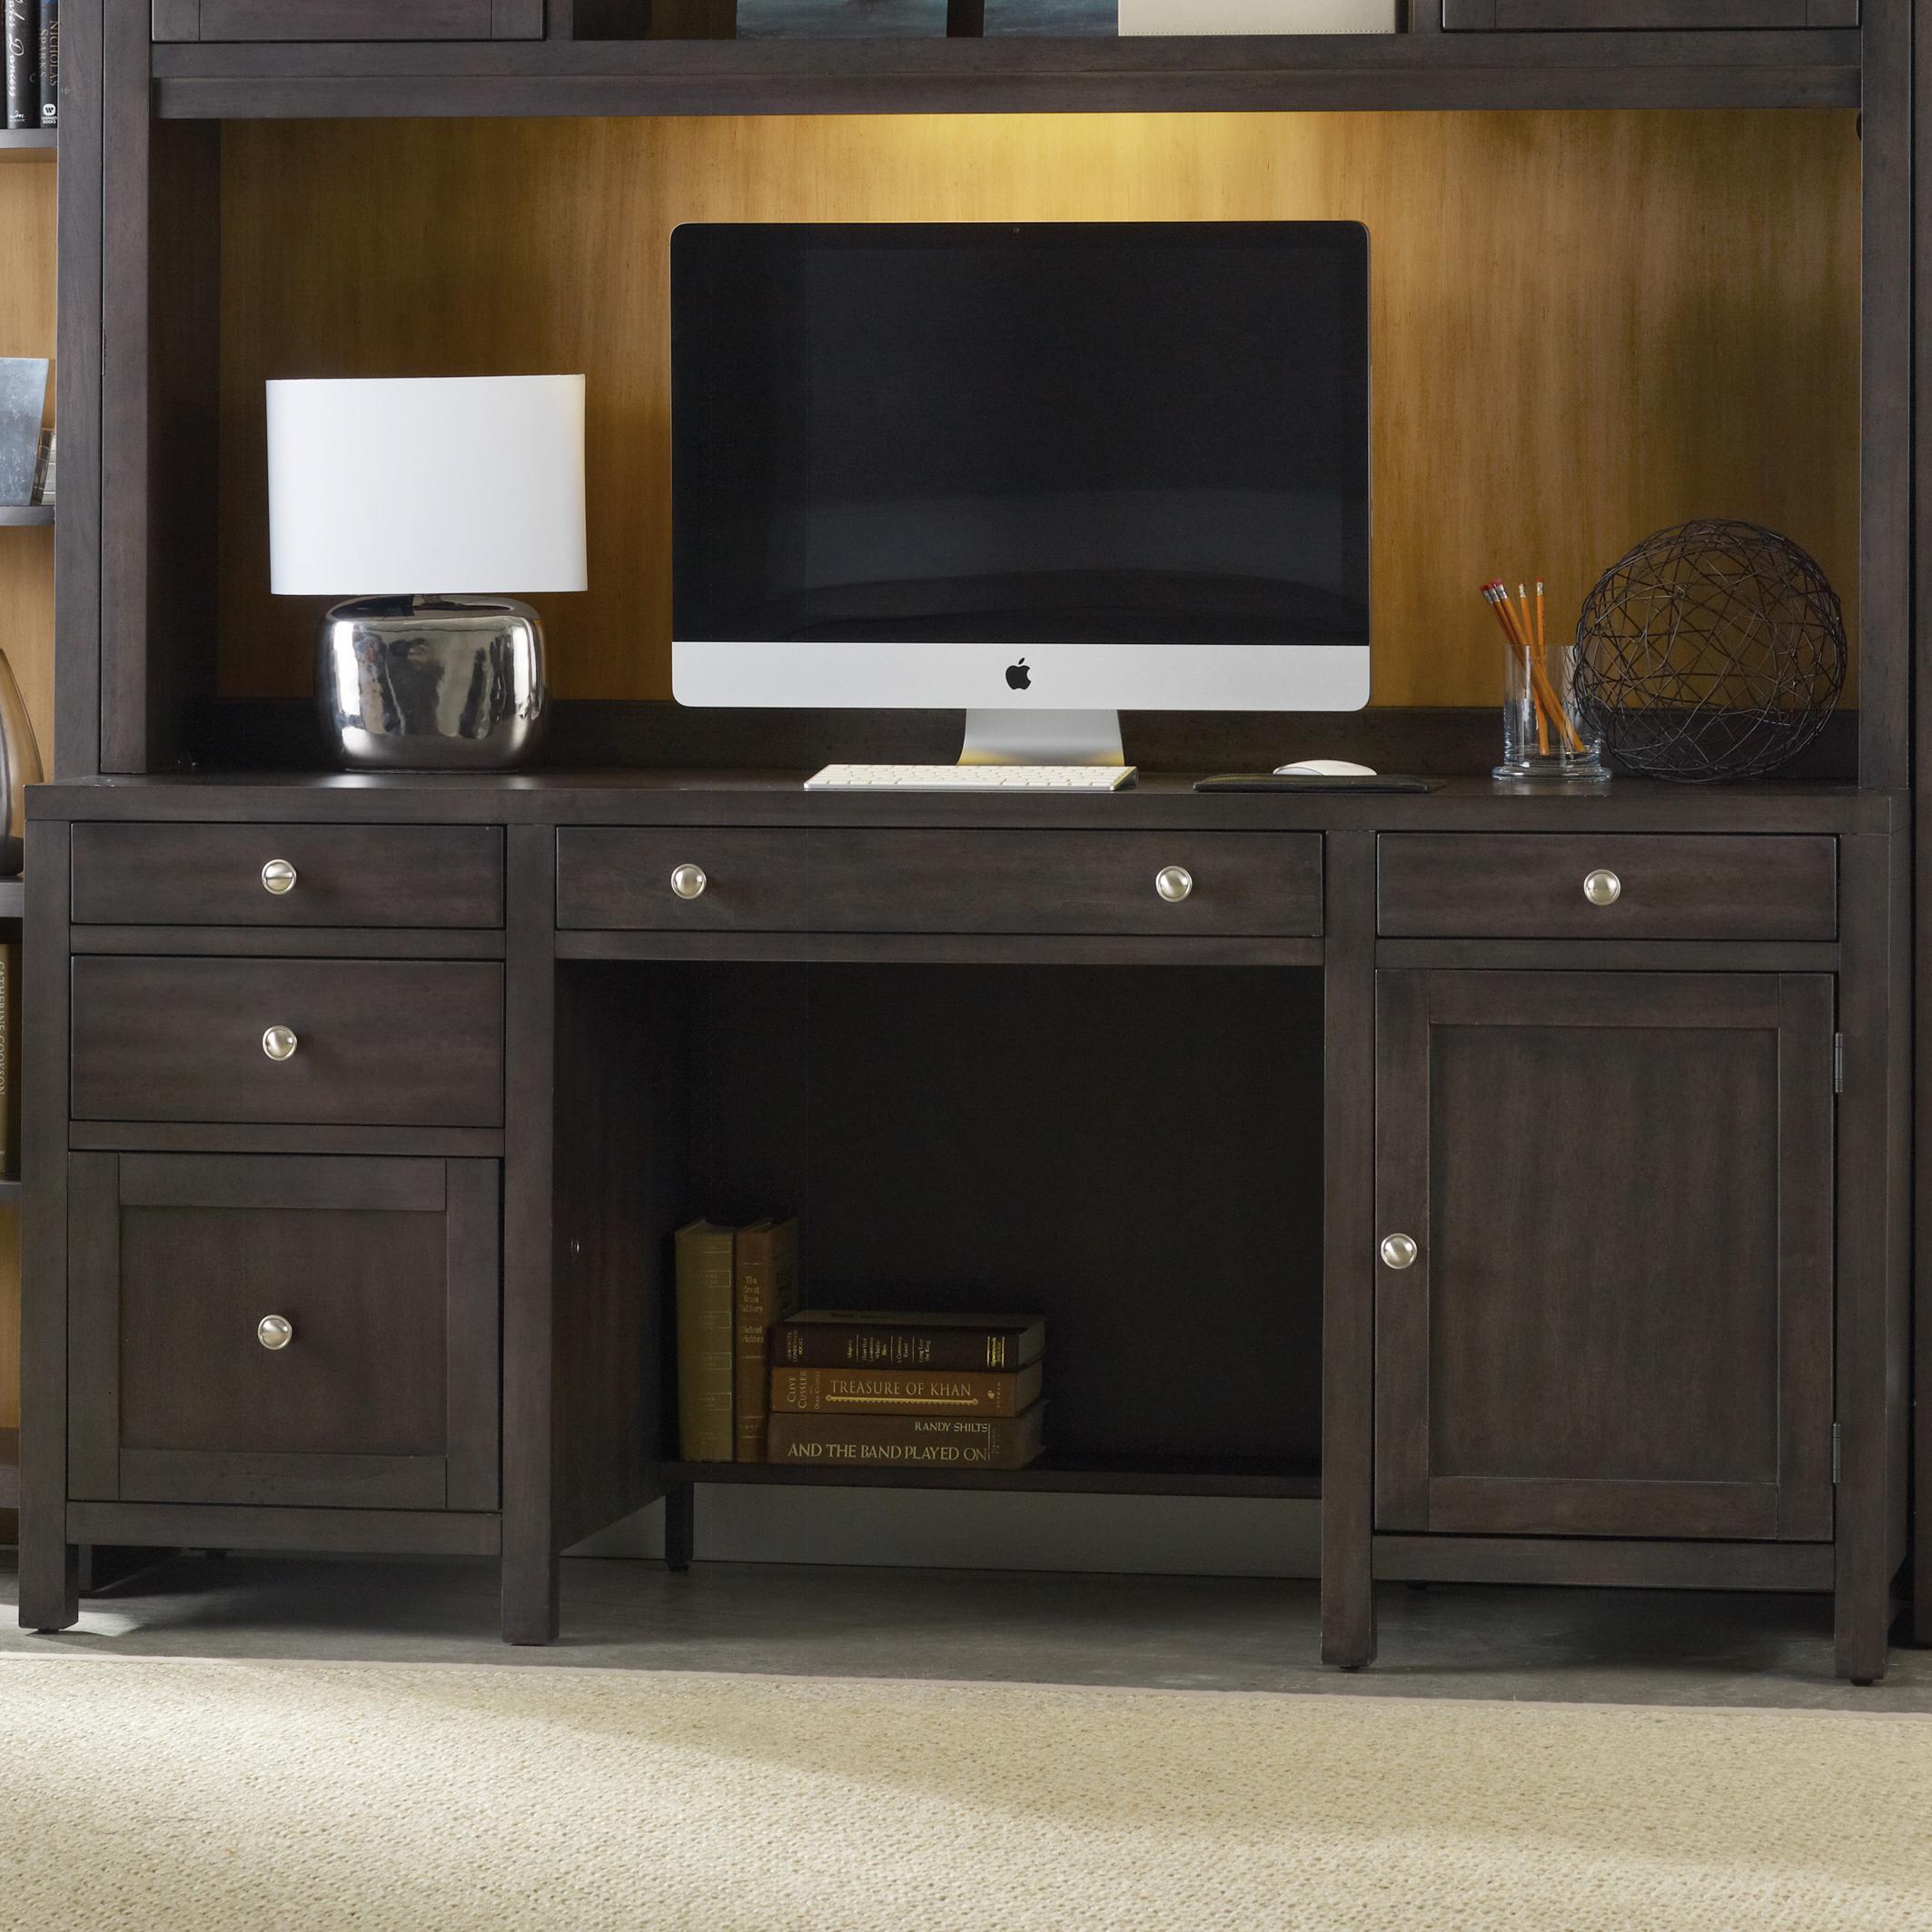 Hooker Furniture South Park Computer Credenza - Item Number: 5078-10464